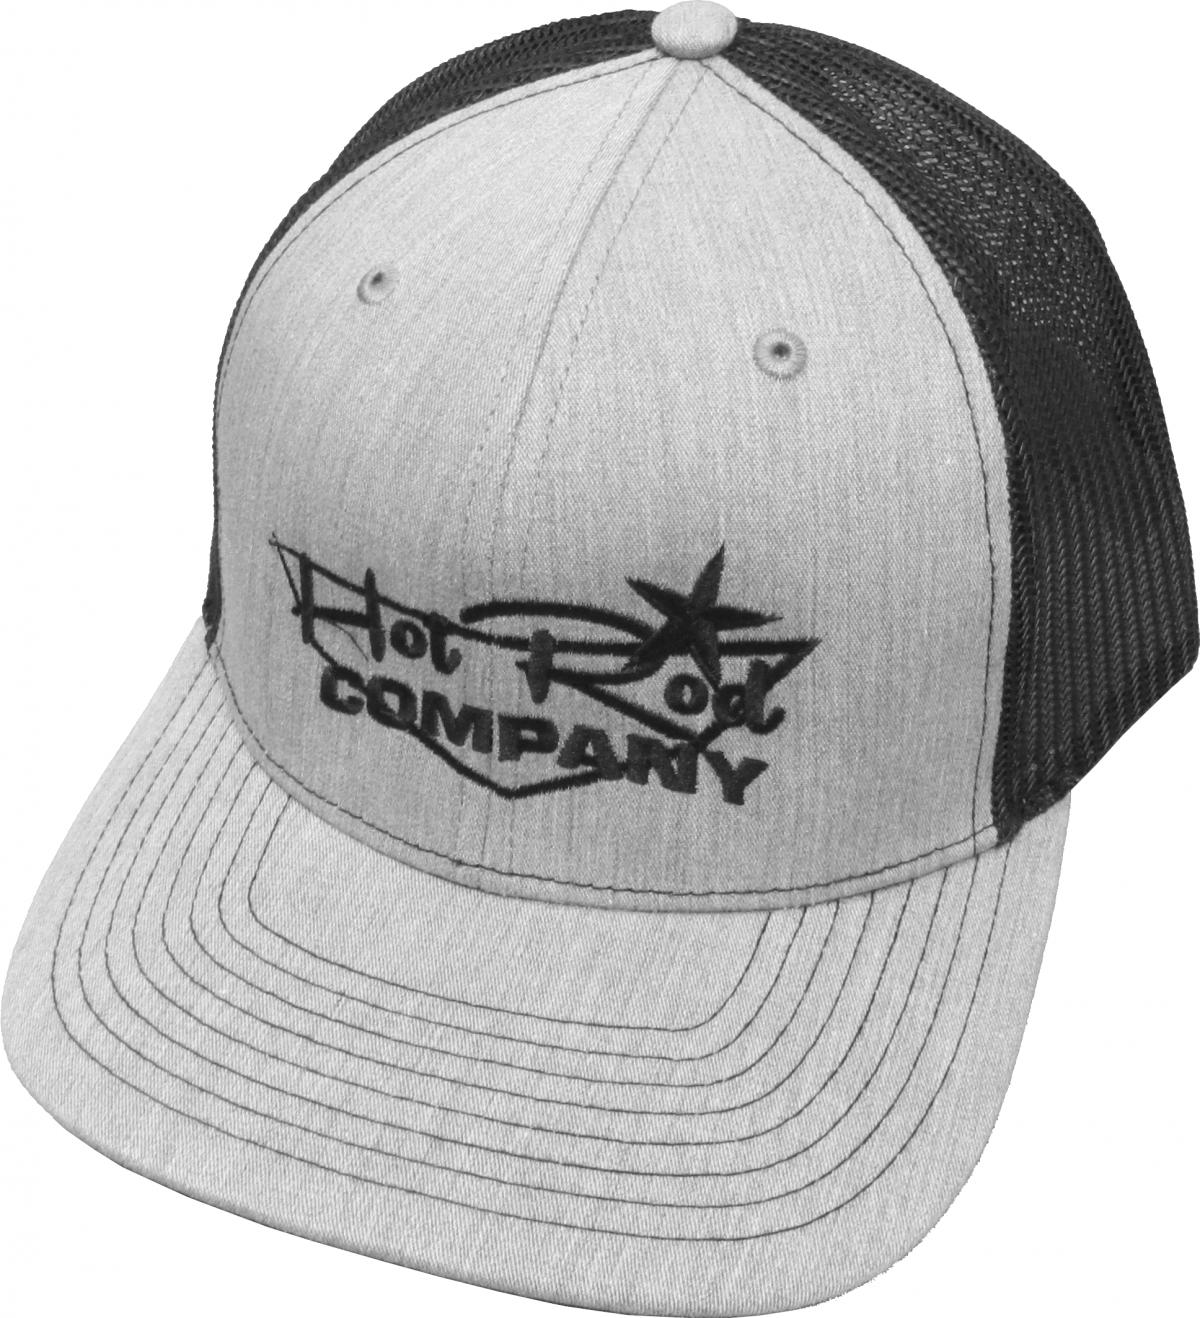 Hot Rod Company hat, gray